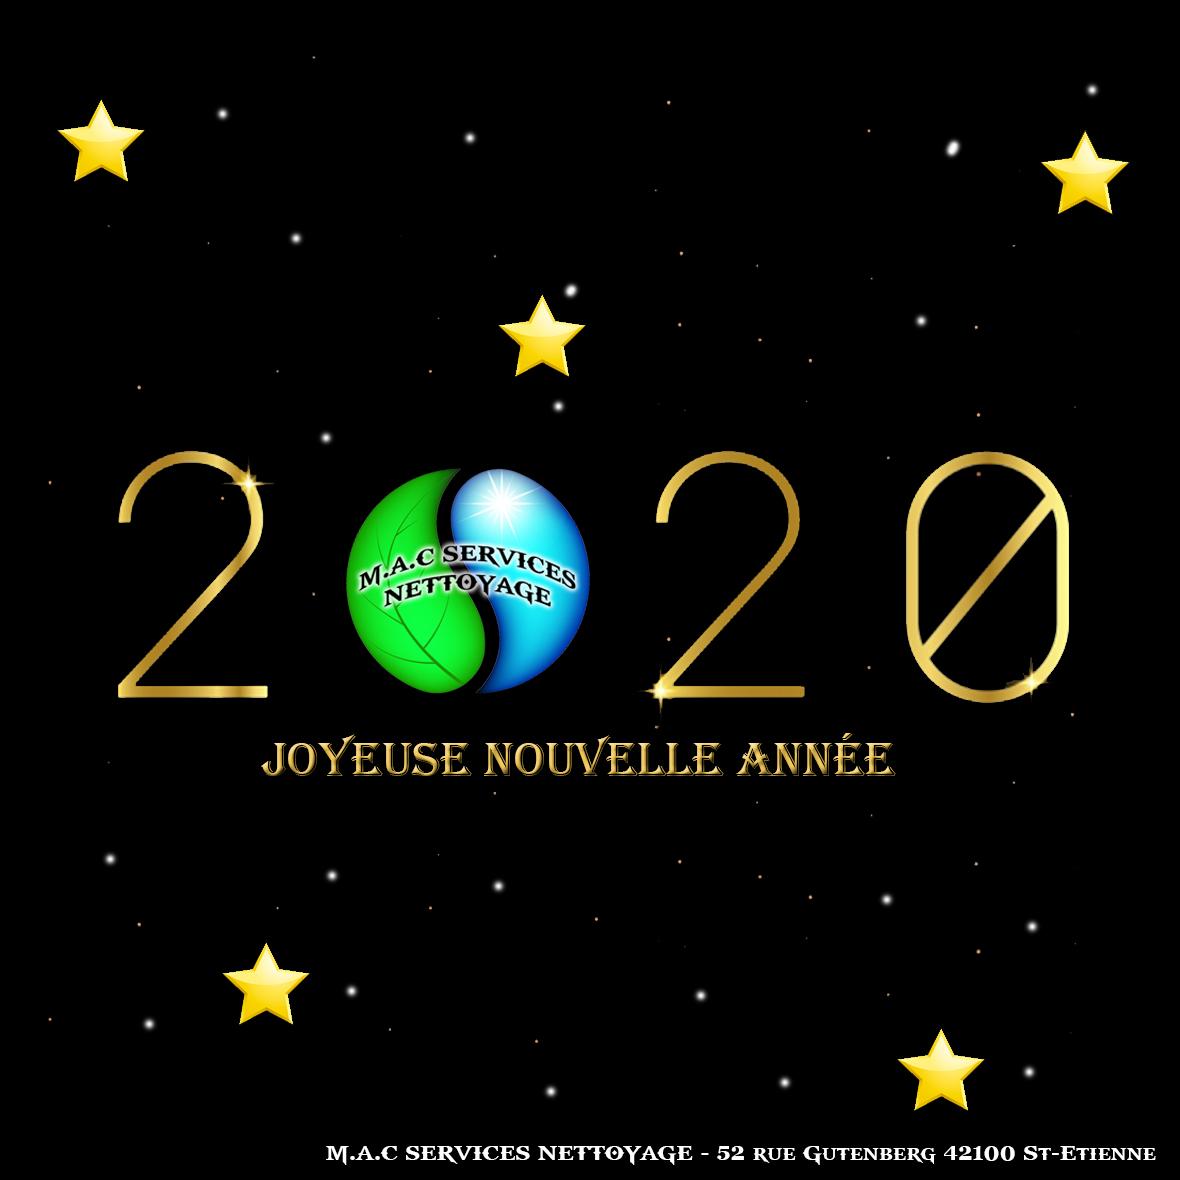 M.A.C SERVICES NETTOYAGE : BONNE ANNEE 2020